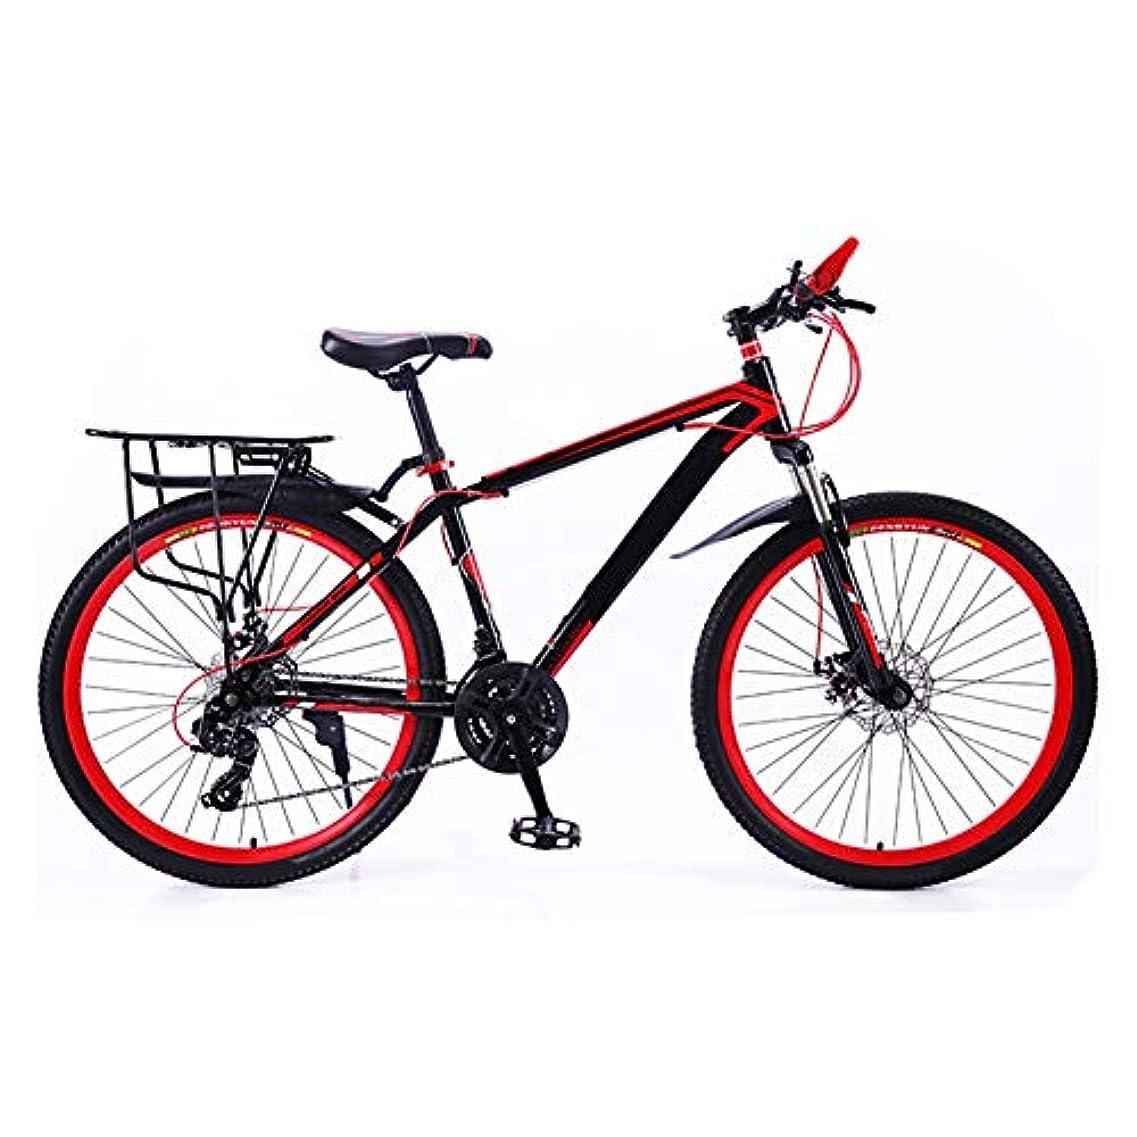 喜劇推進、動かす国籍自転車 マウンテンバイク クロスバイク マウンテンバイク大人の道路の自転車男子MTBバイク24人のスピードホイール用レディースティーン (Color : Red, Size : 26in)